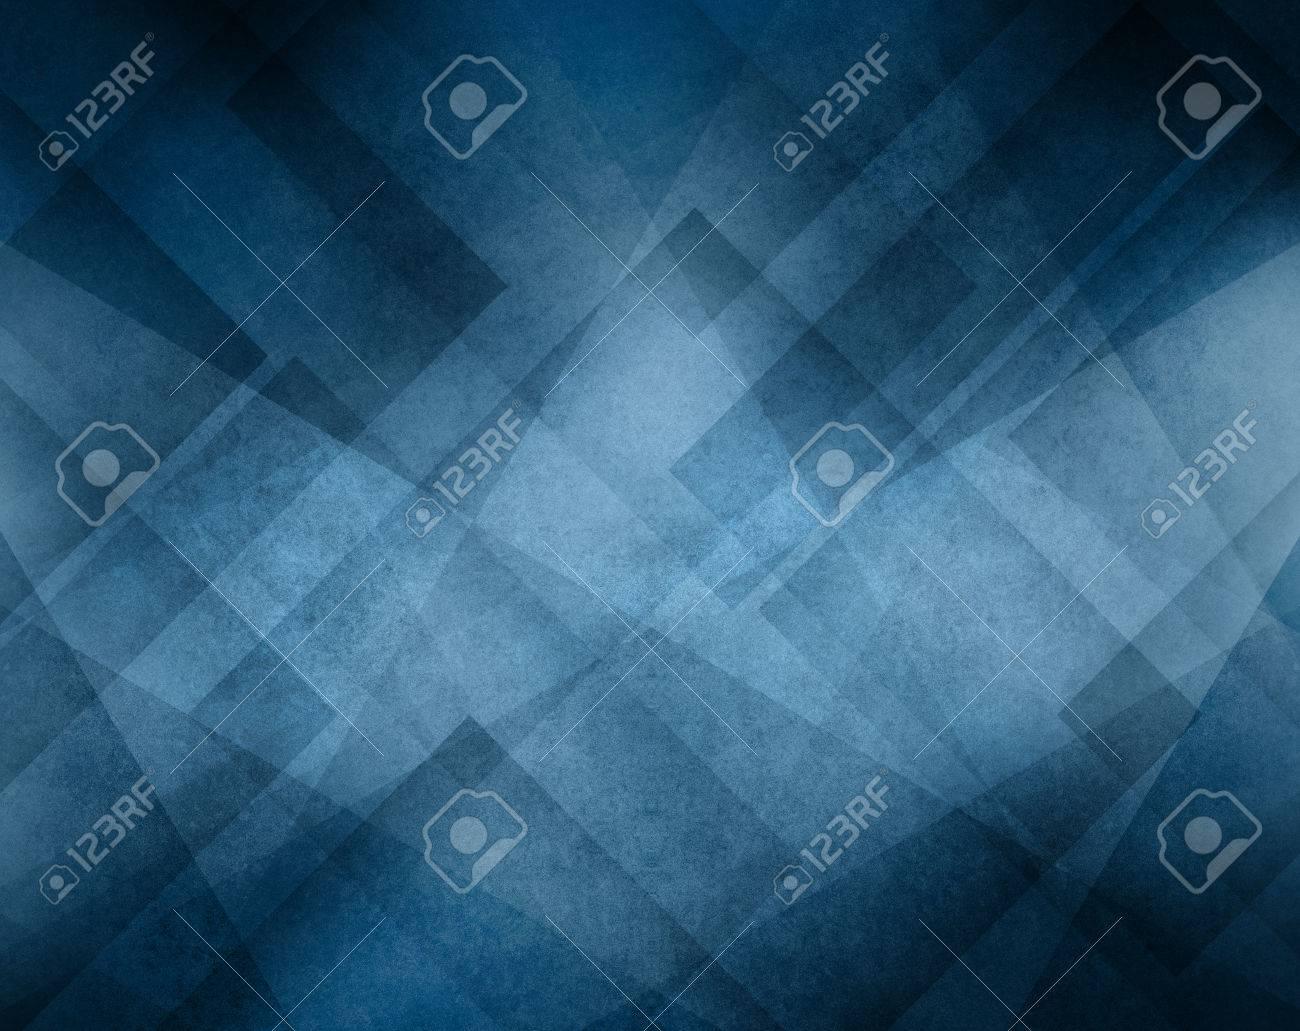 Fondo De Color Azul Con Diseño Geométrico Abstracto Línea De ...